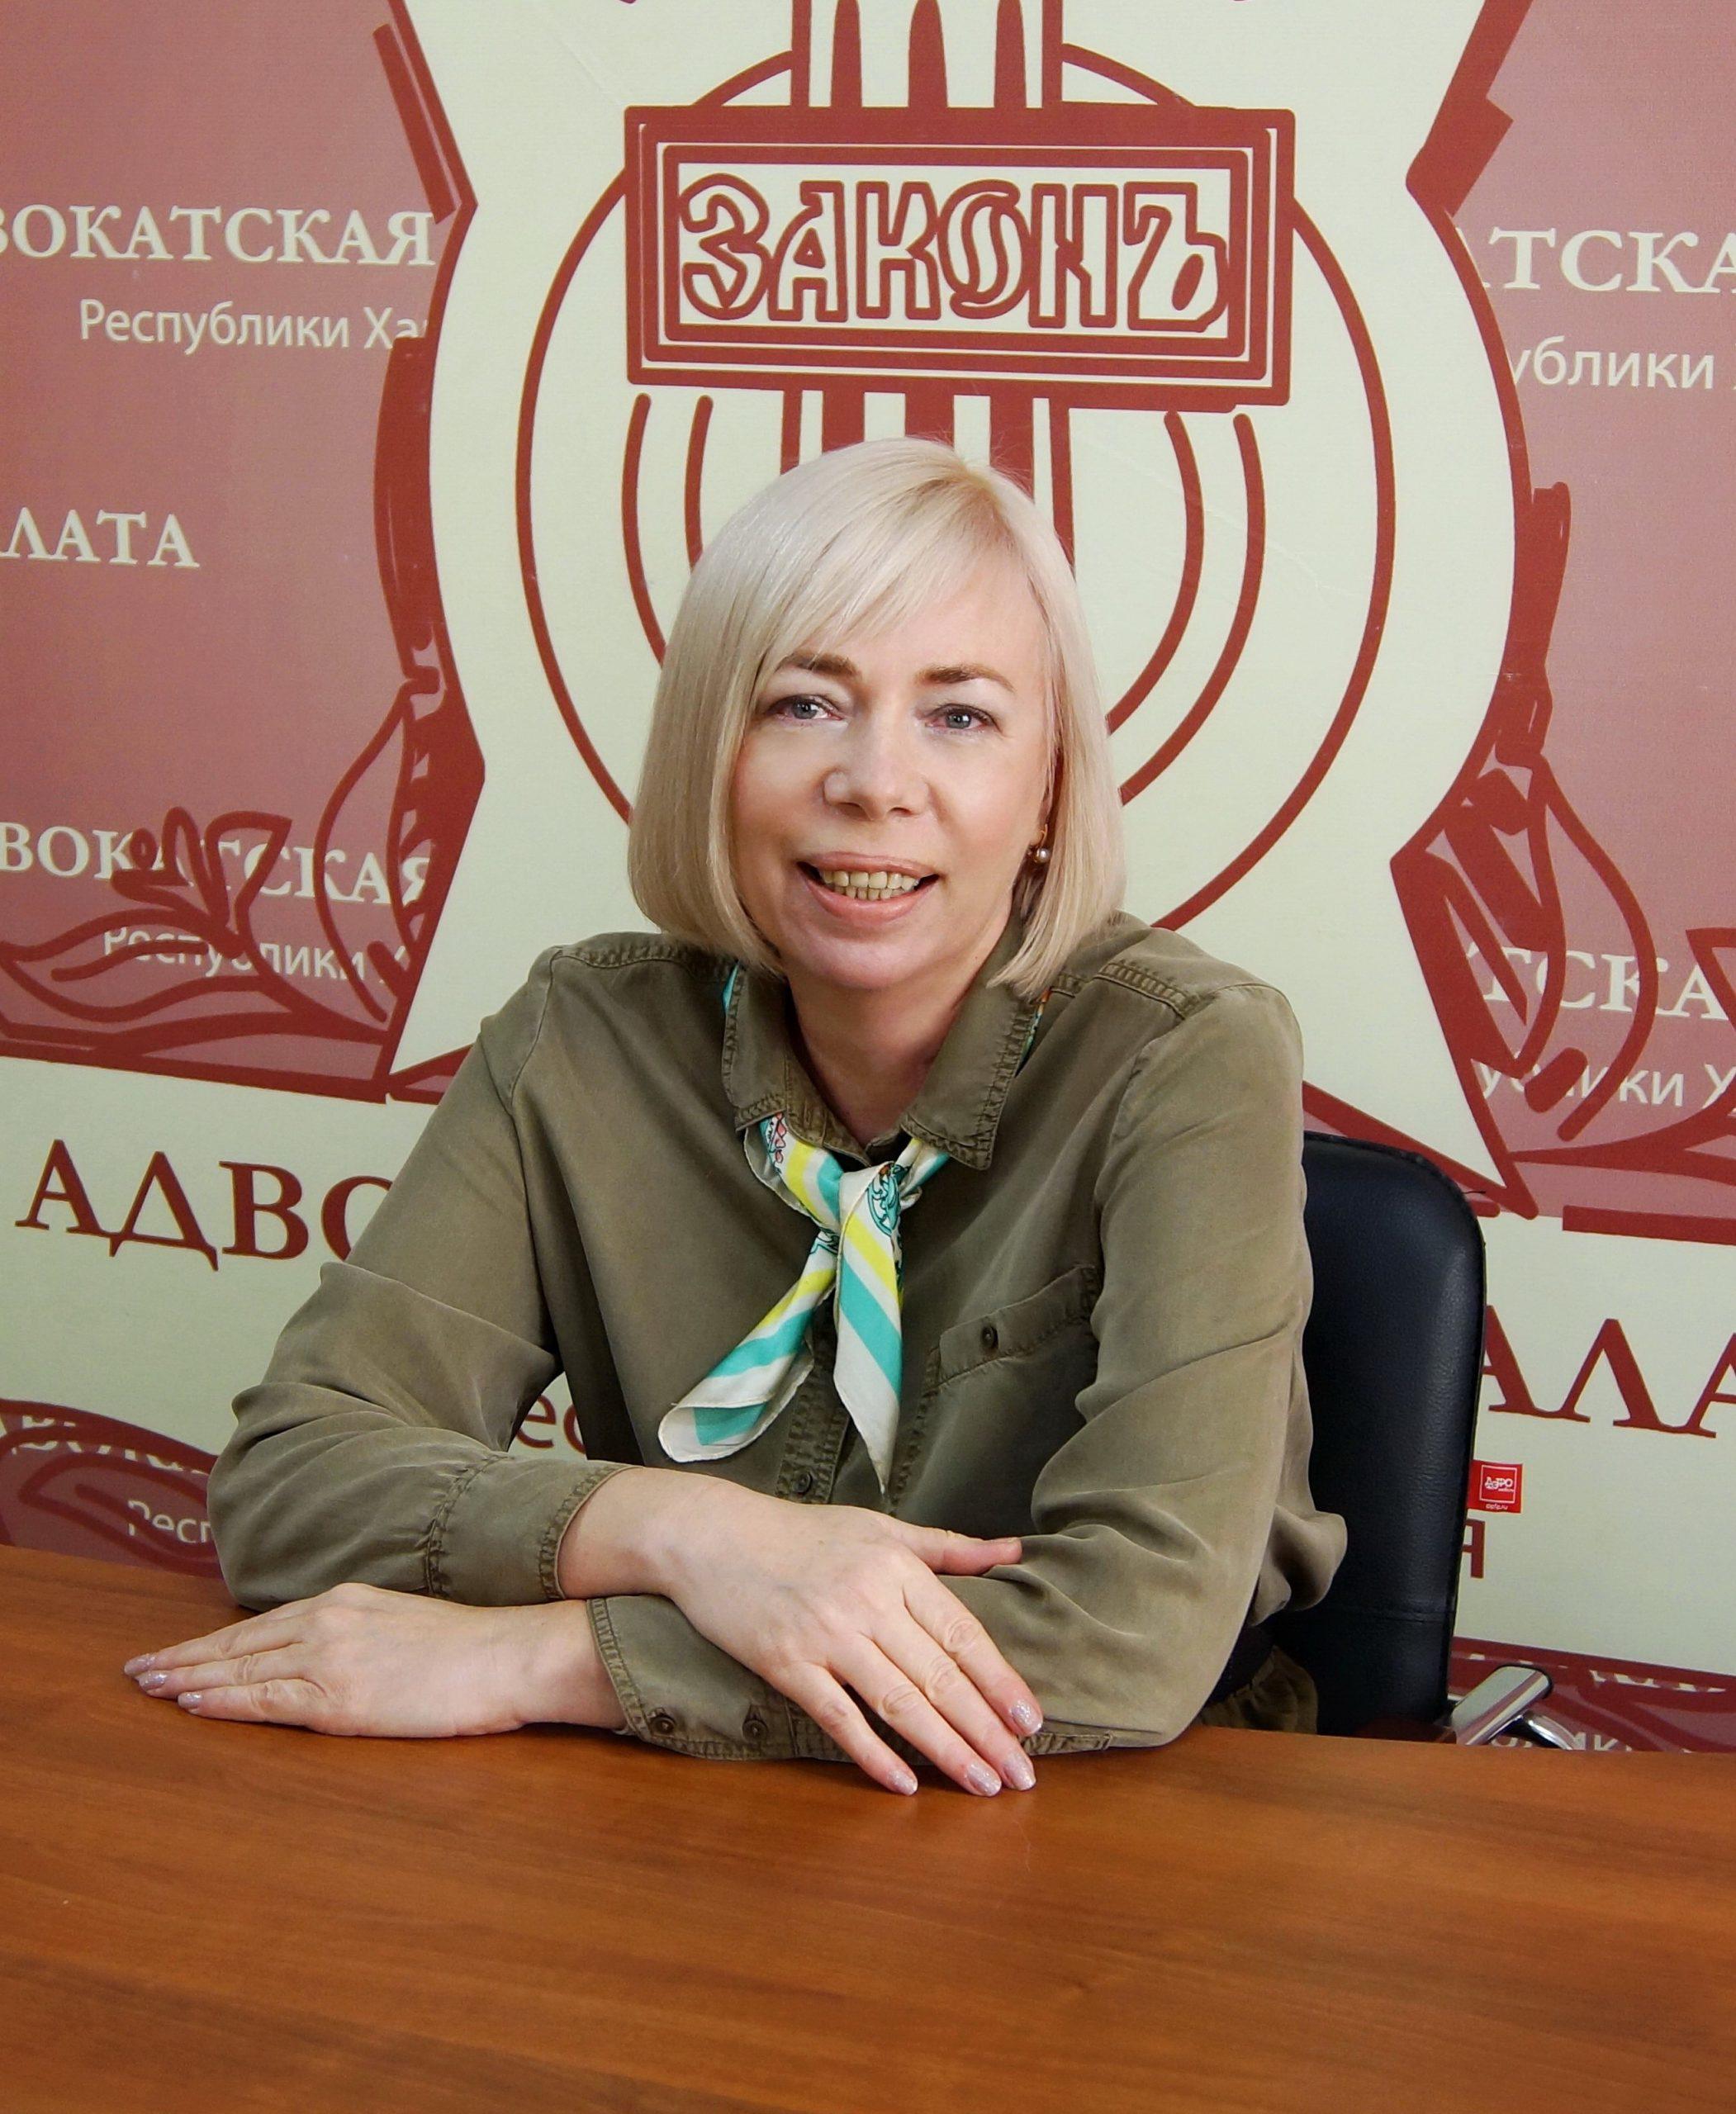 Илюшенко Елена Васильевна